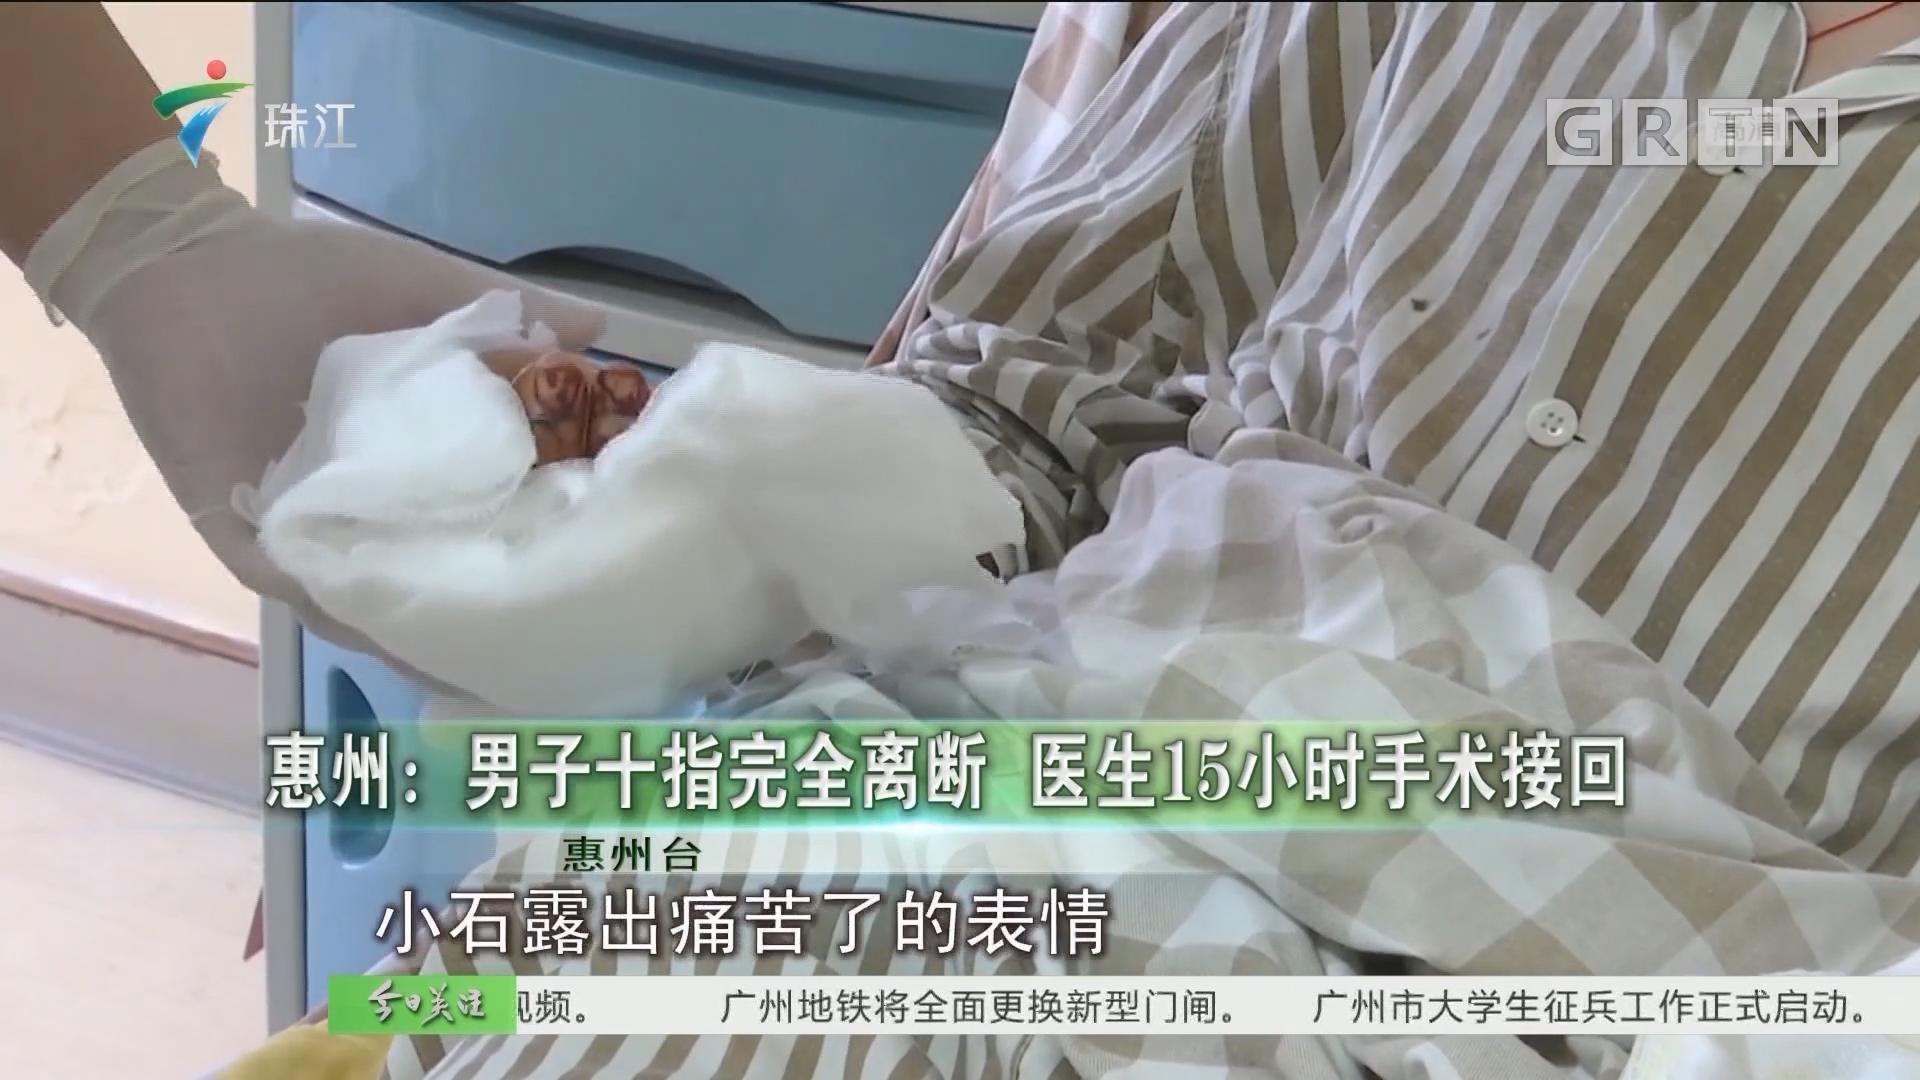 惠州:男子十指完全离断 医生15小时手术接回